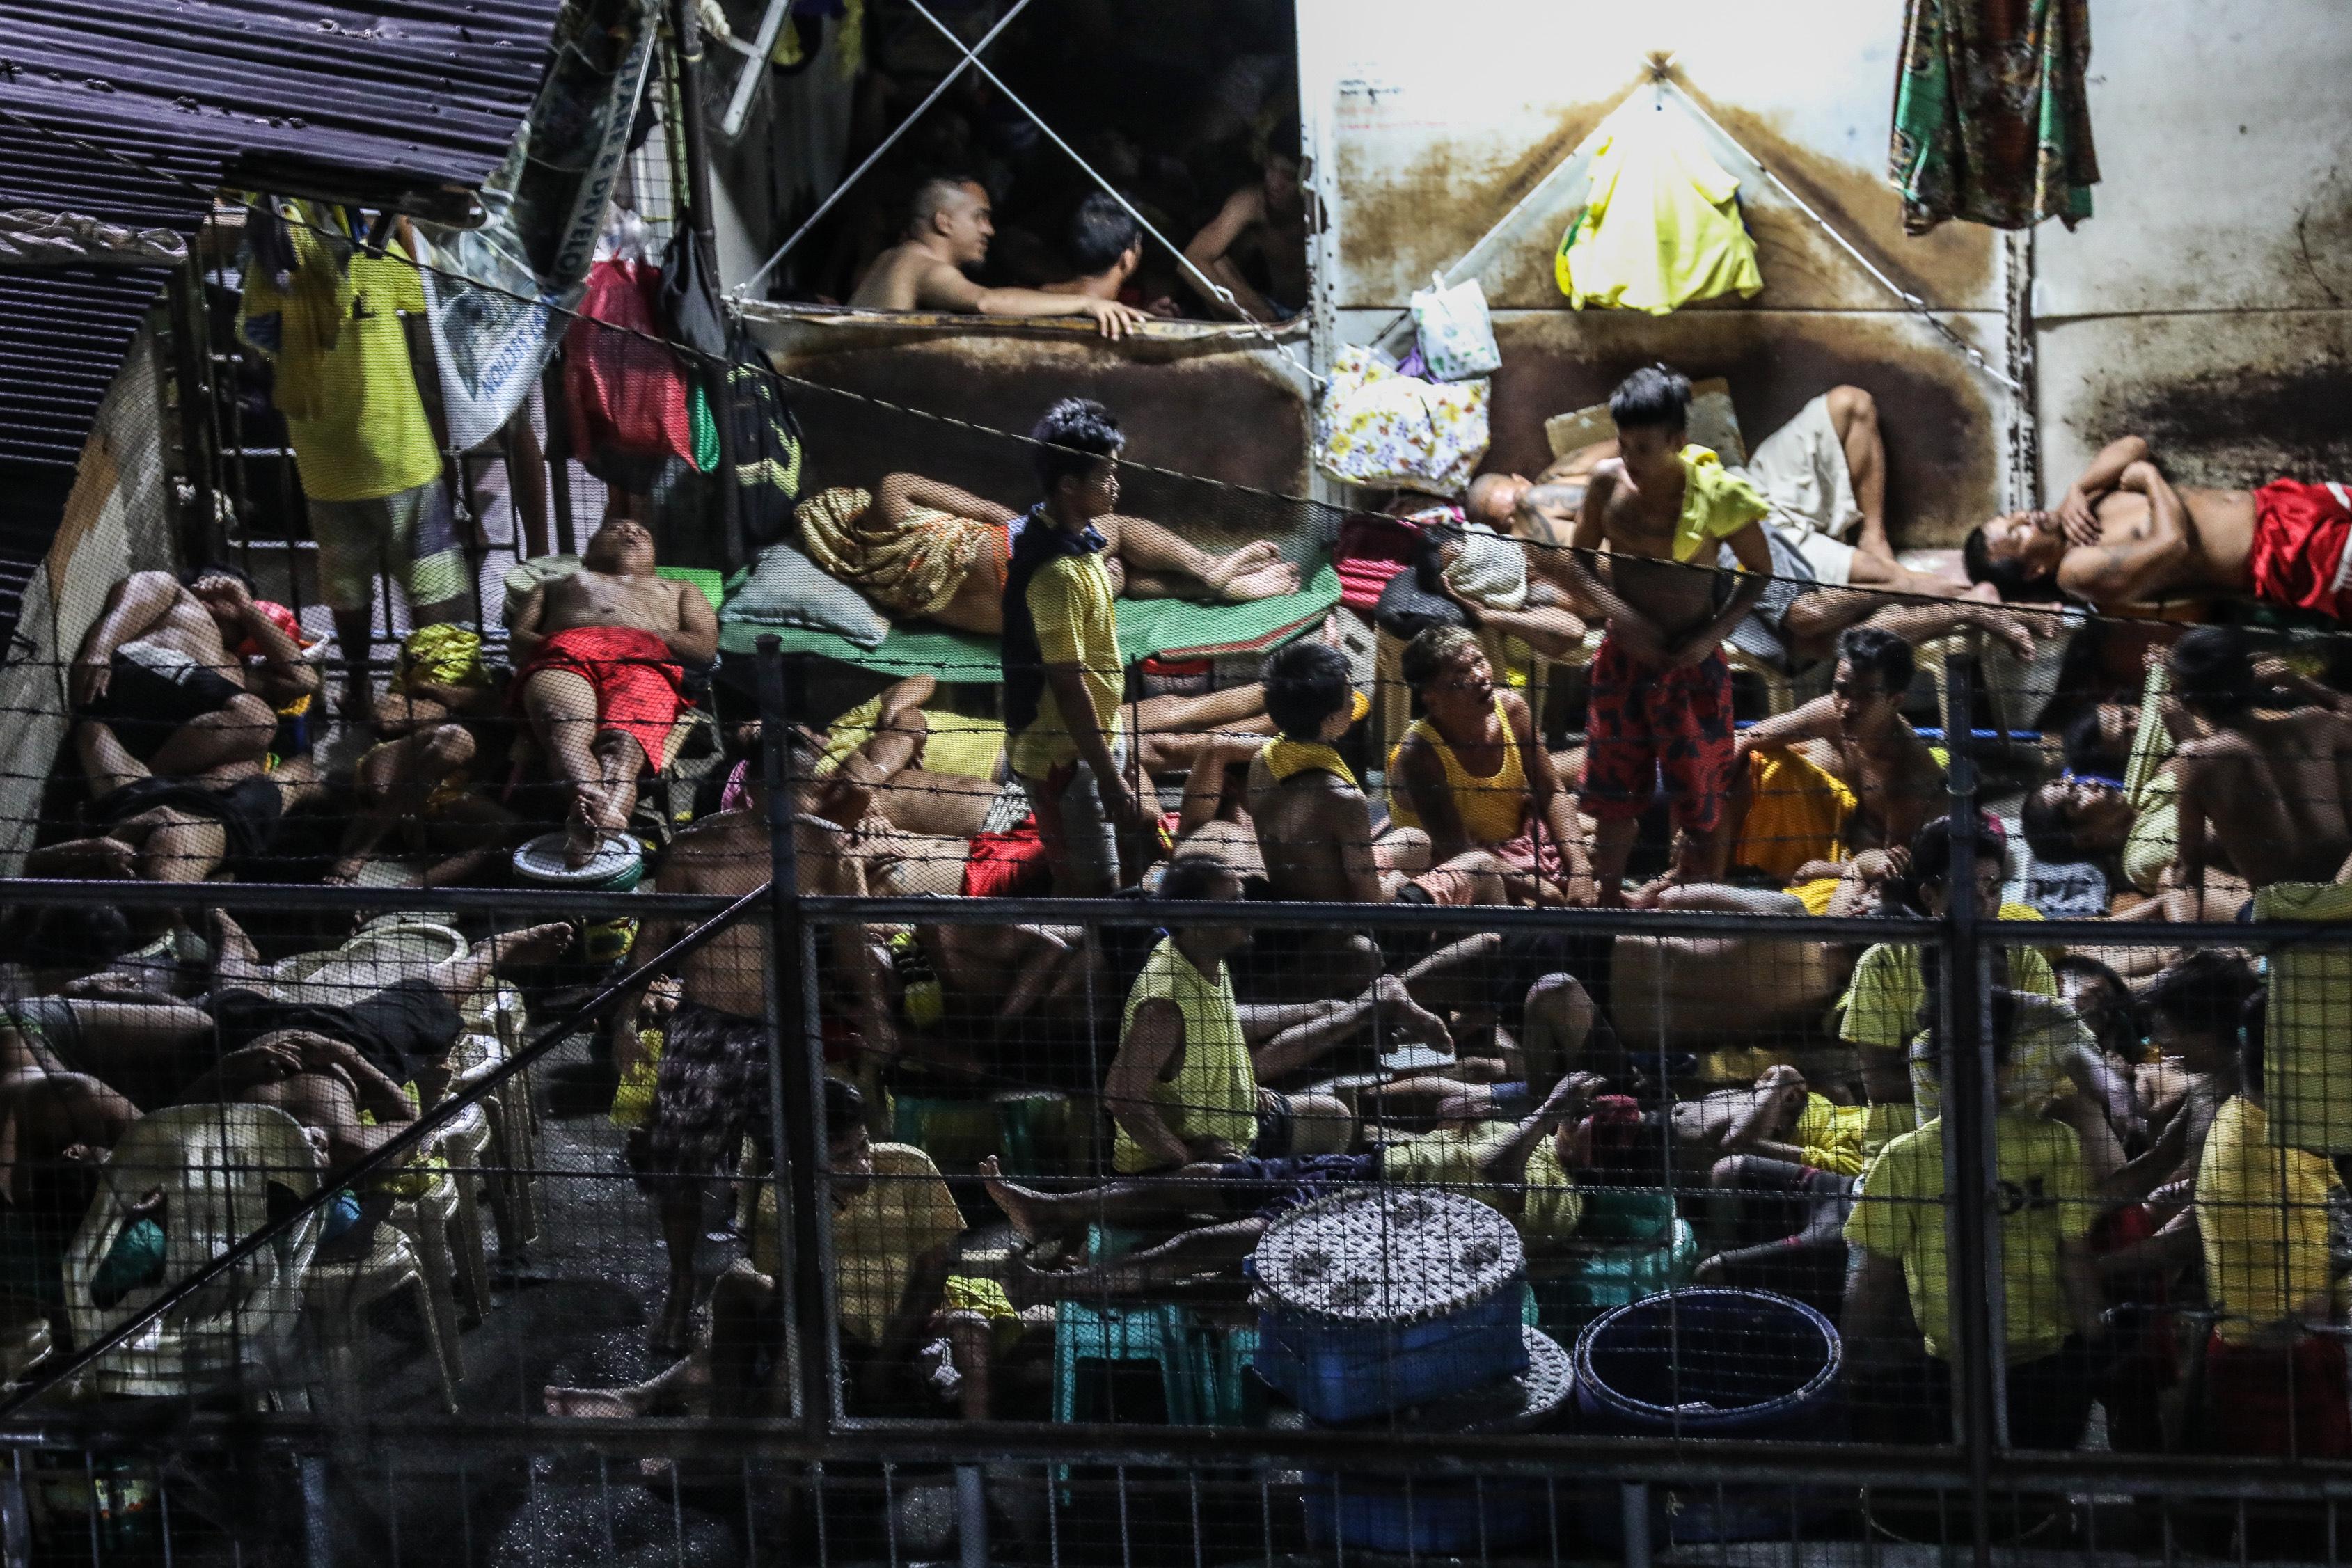 10 ezer rabot engednek szabadon a Fülöp-szigeteken a járvány miatt